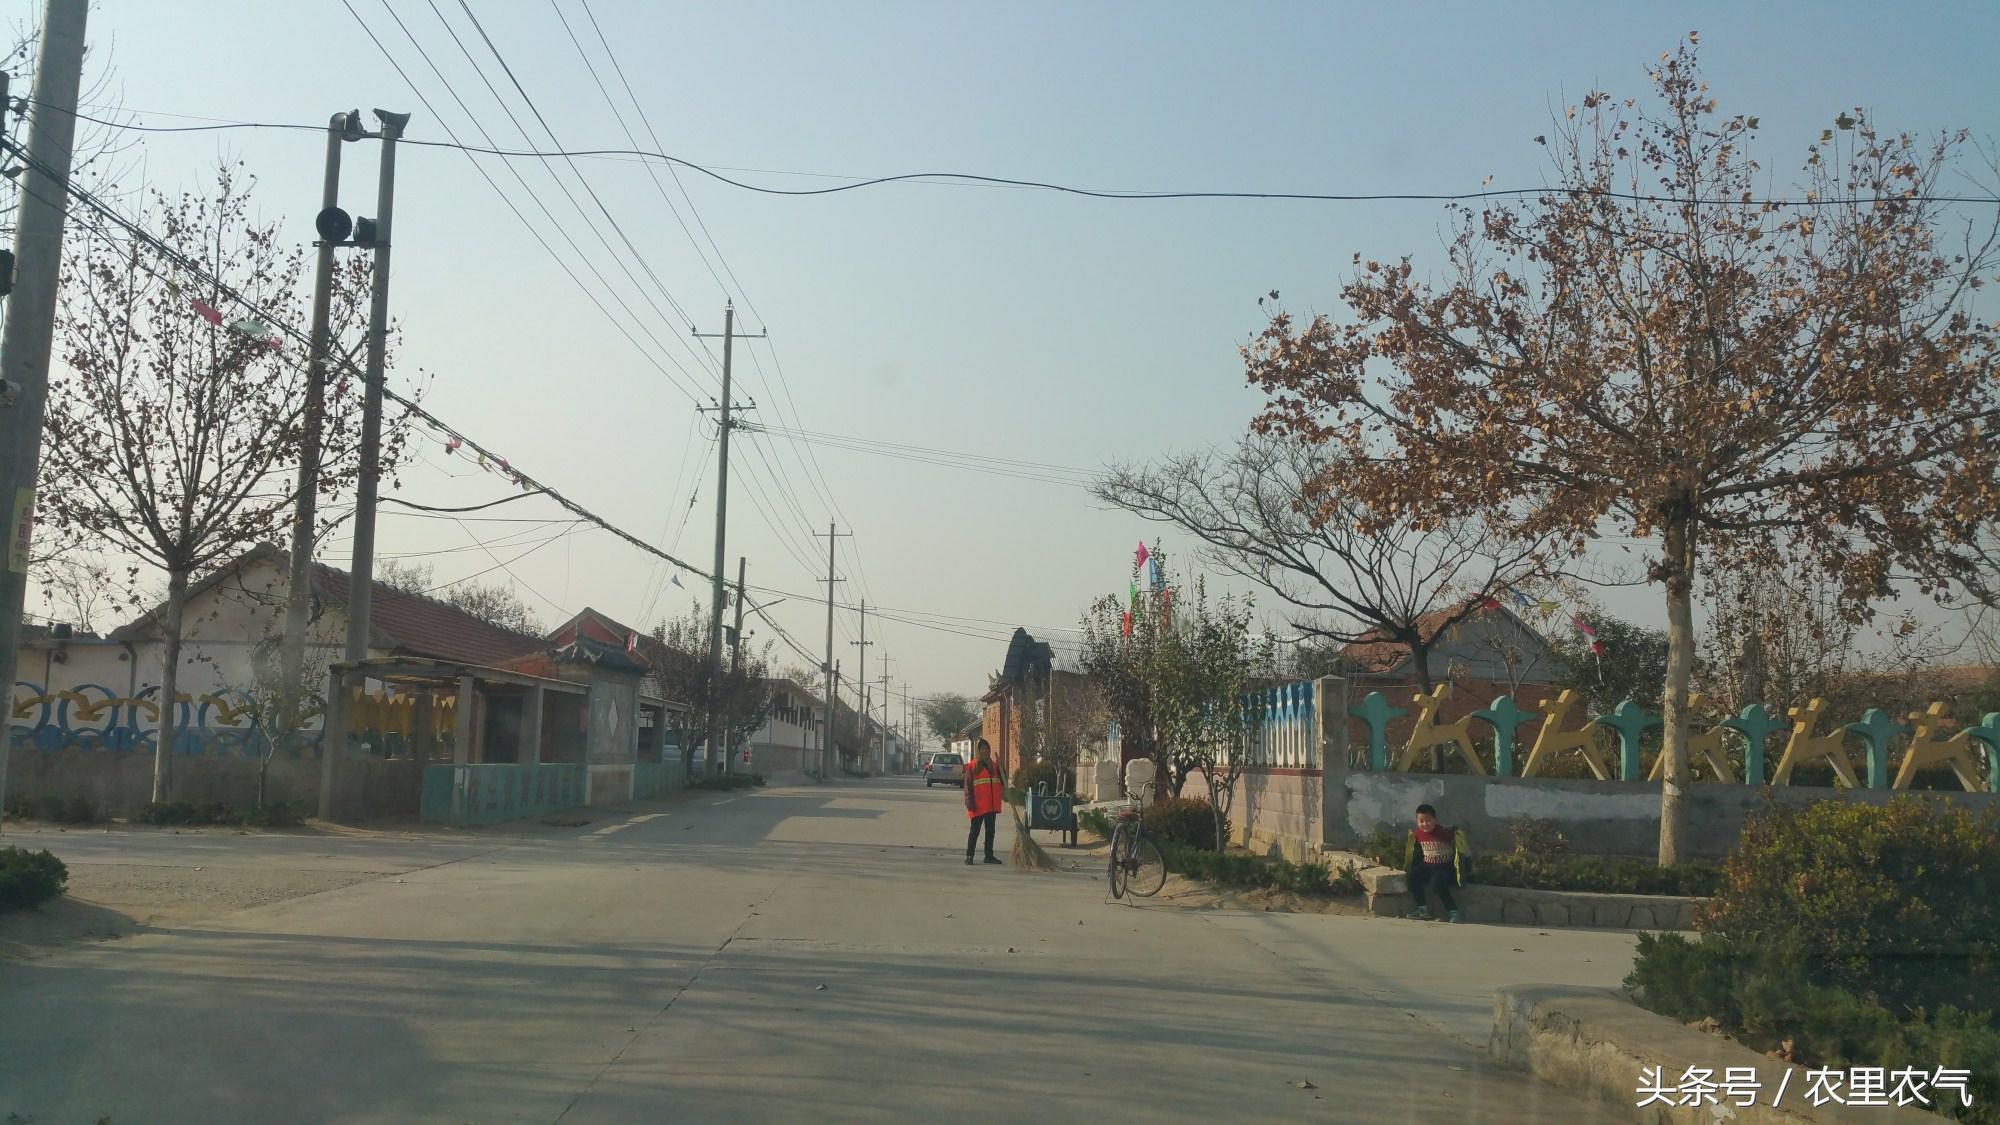 闯关东的亲戚回胶东农村,越看越疑惑 为啥看不到一个柴草堆